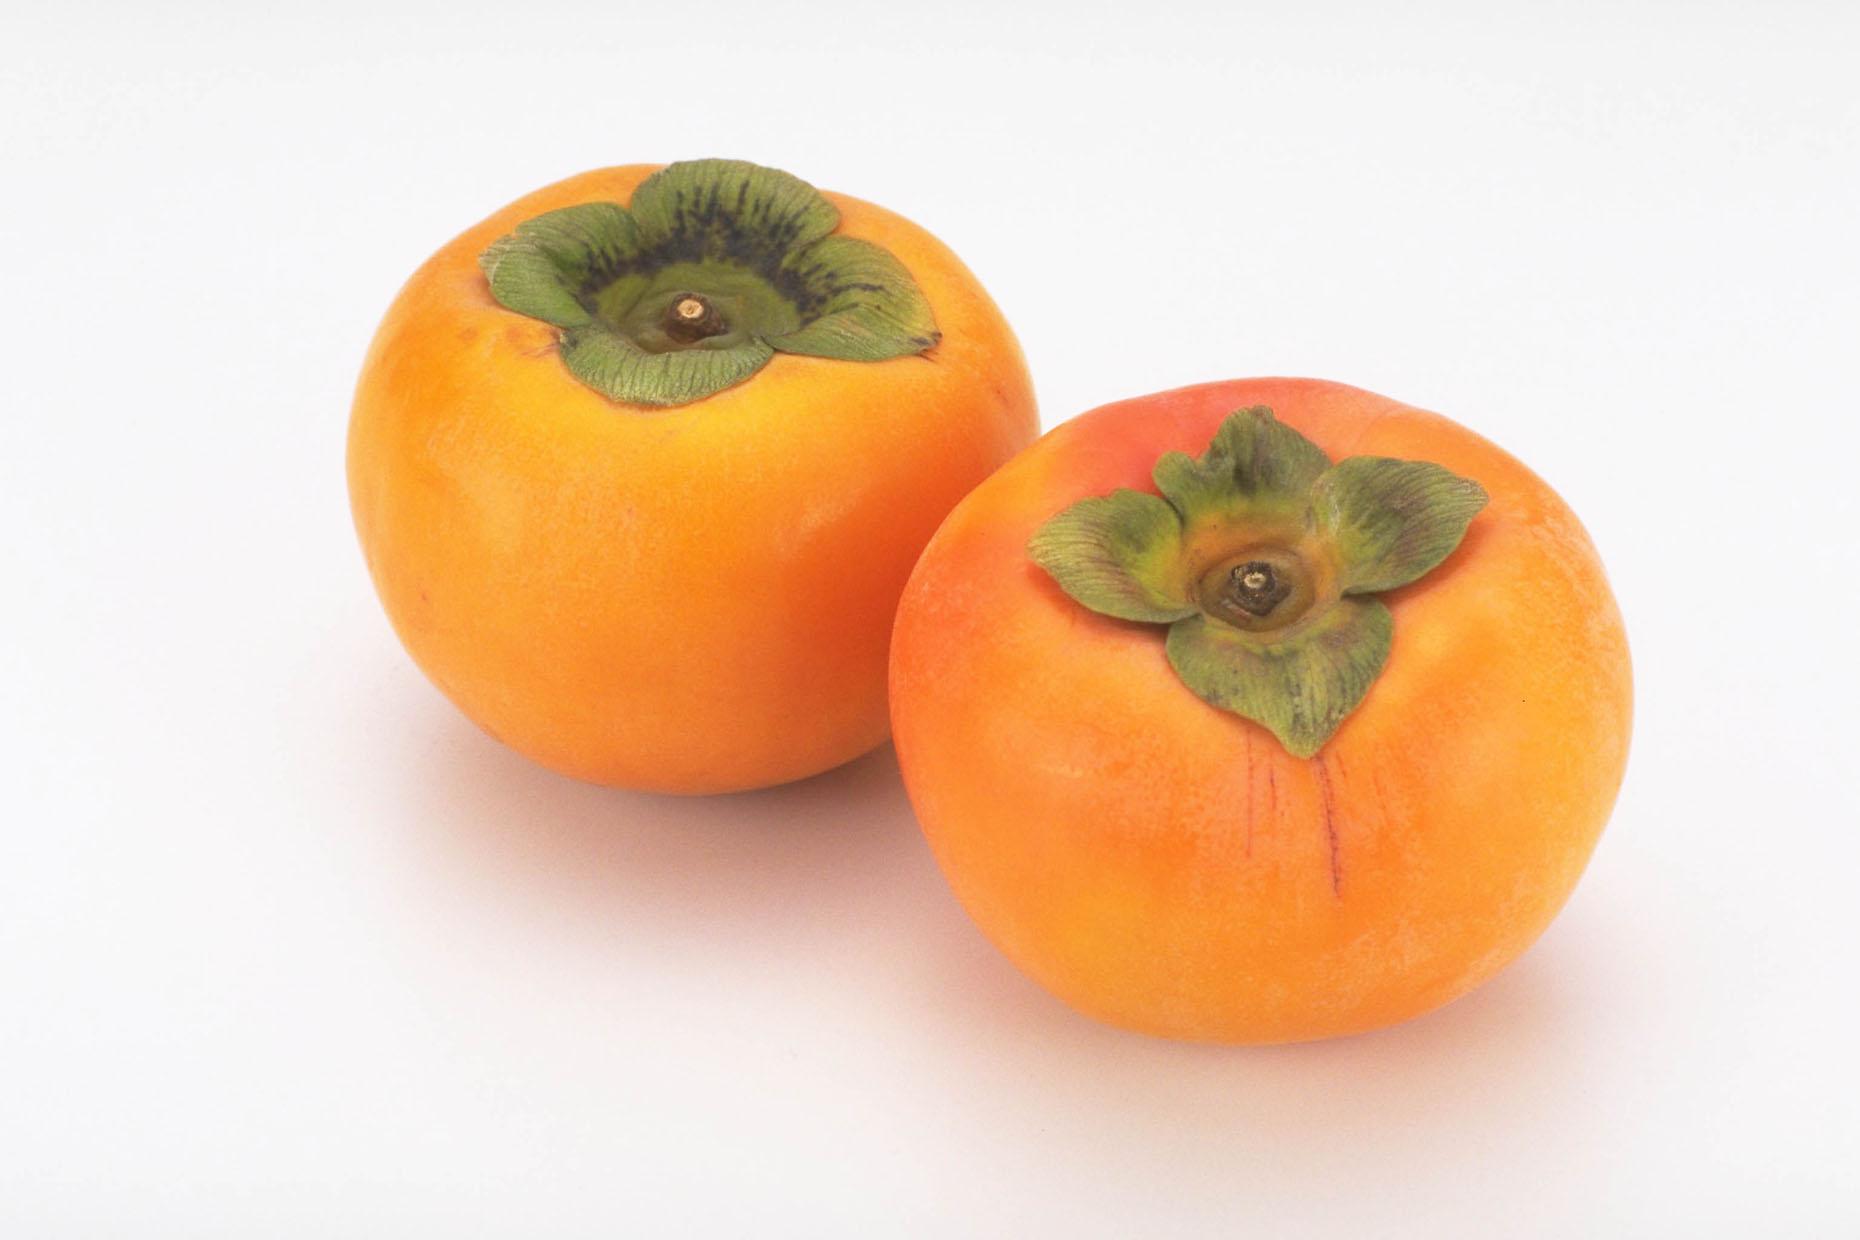 秋の味覚!甘くておいしい柿にも潜んでいた?!アレルギーの怖さ!のサムネイル画像